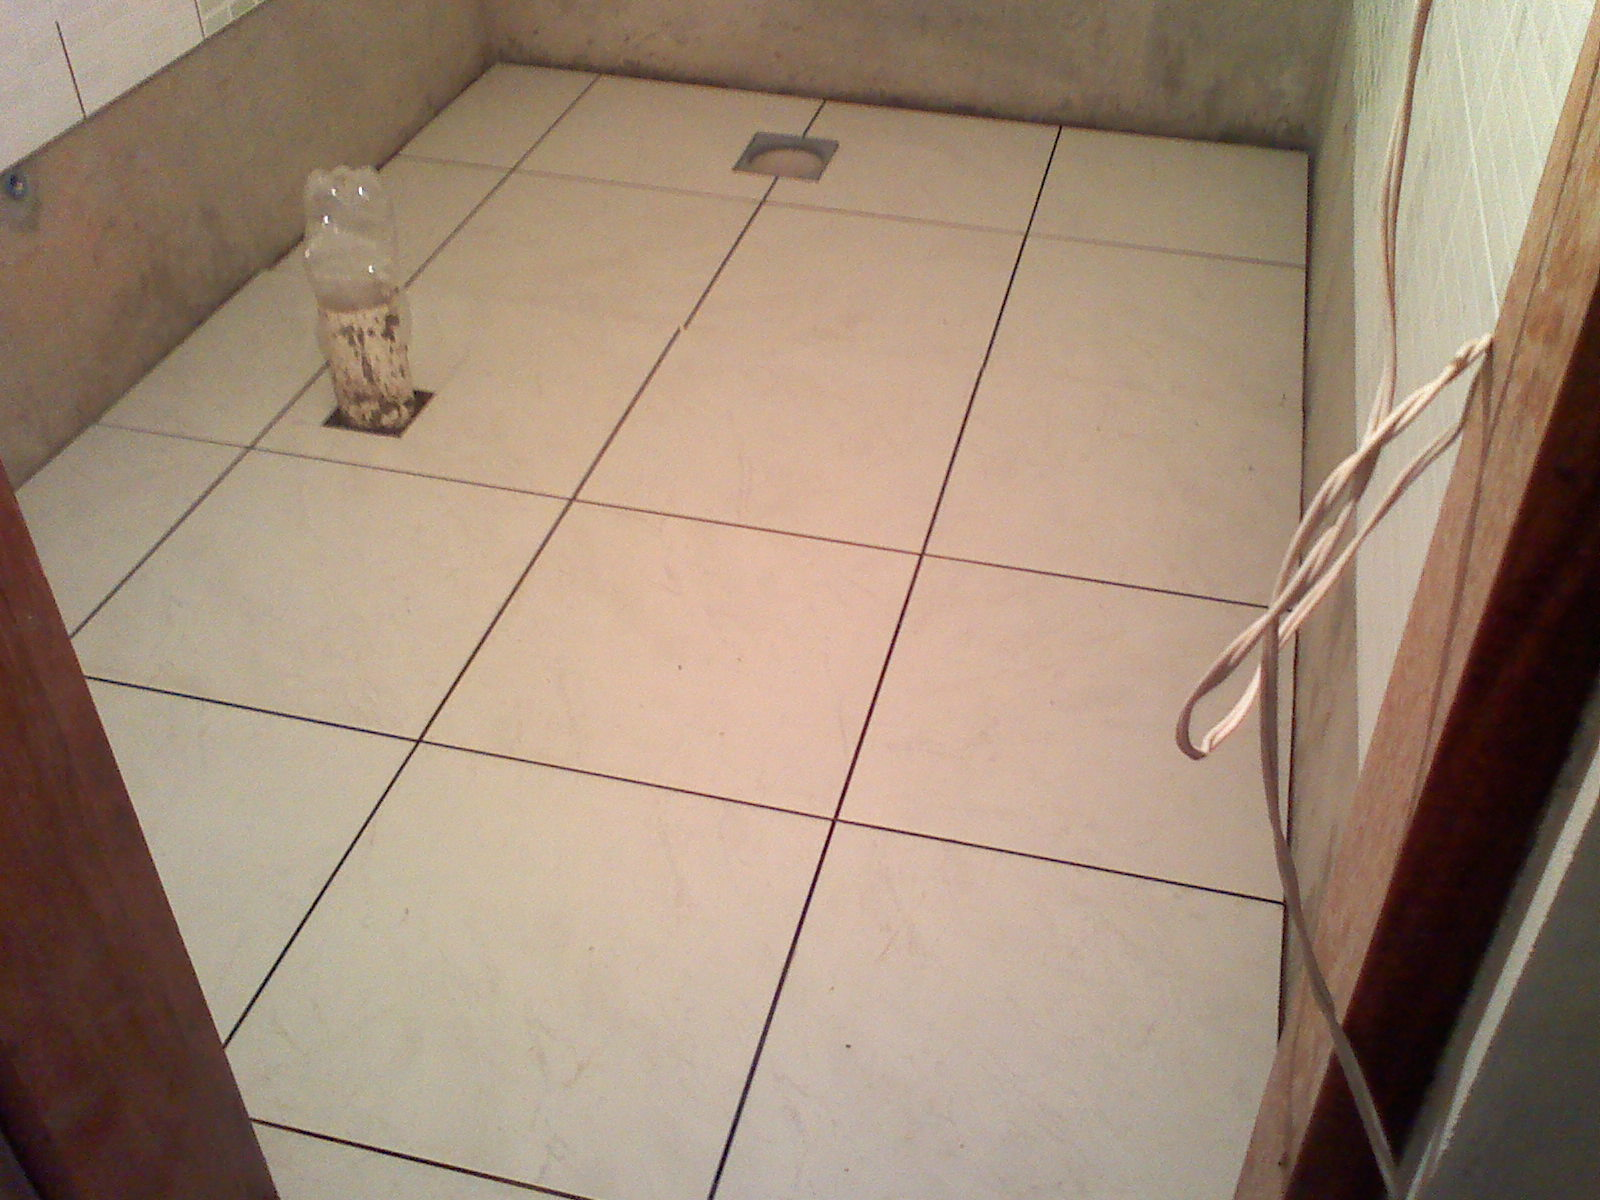 Como tudo começou Rejunte Rodapé e Porcelanato do Banheiro #38221E 1600 1200